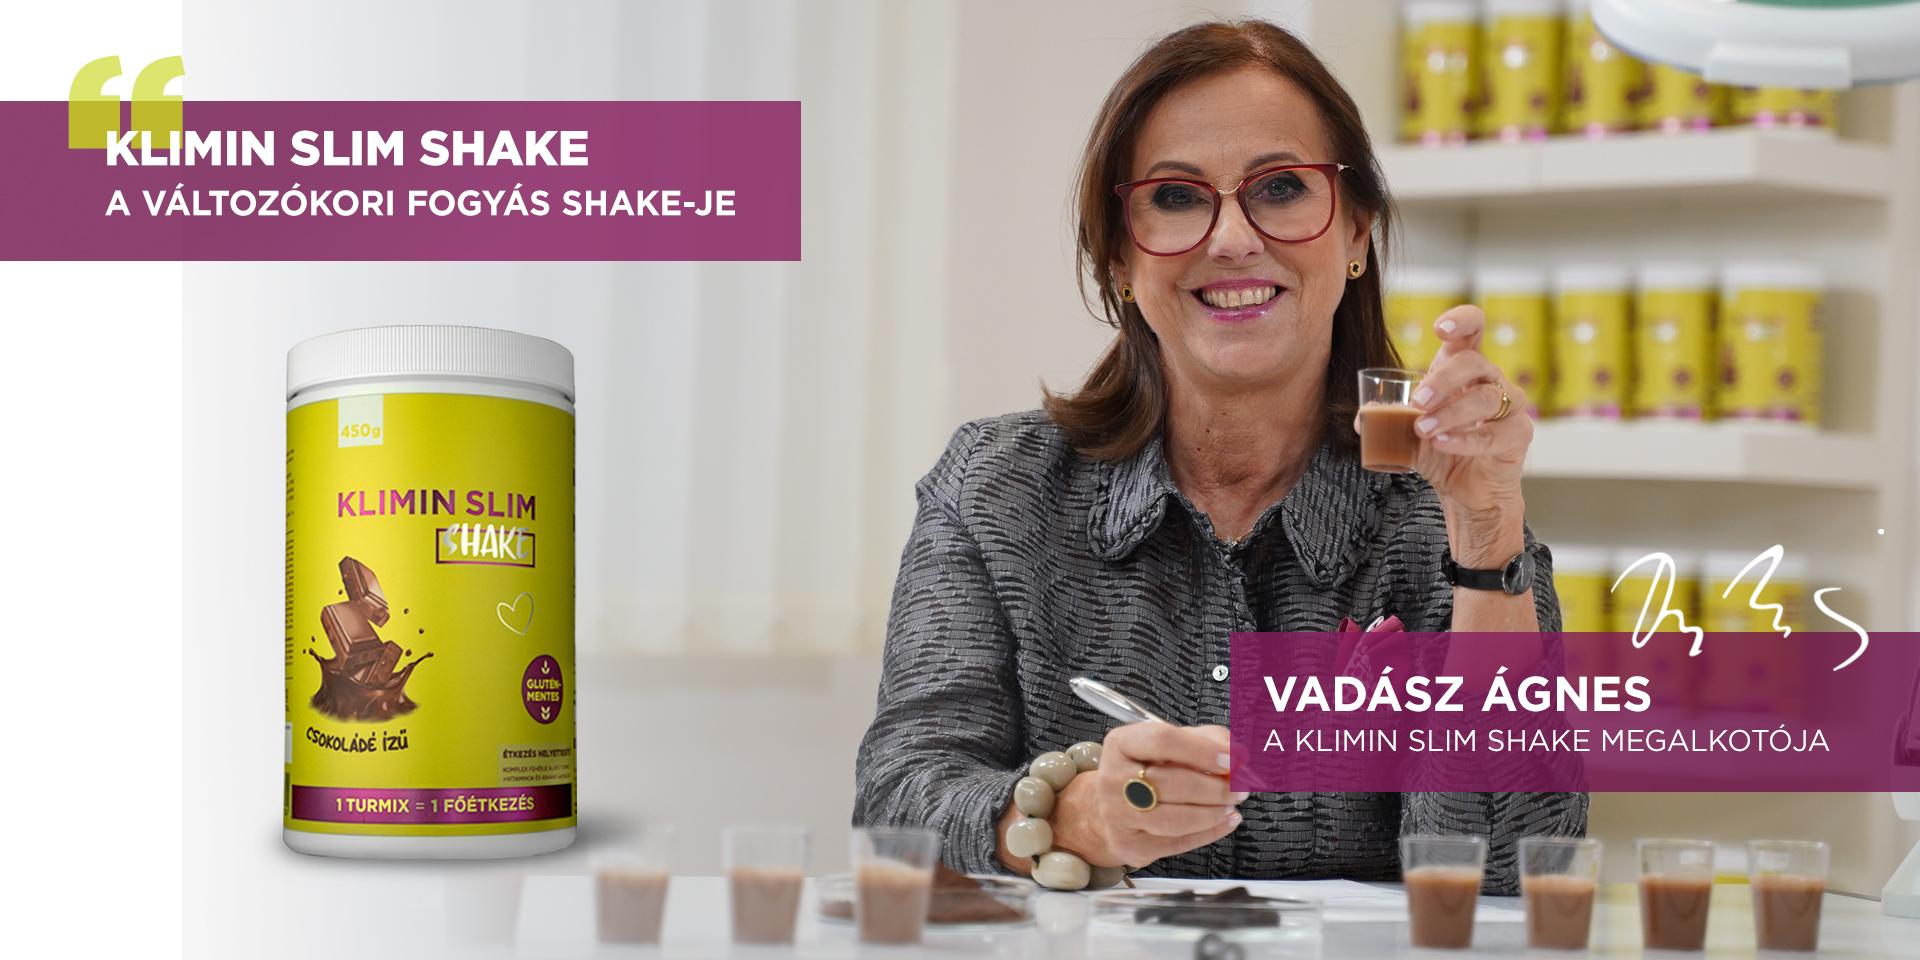 Klimin slim SHAKE - Pharmax